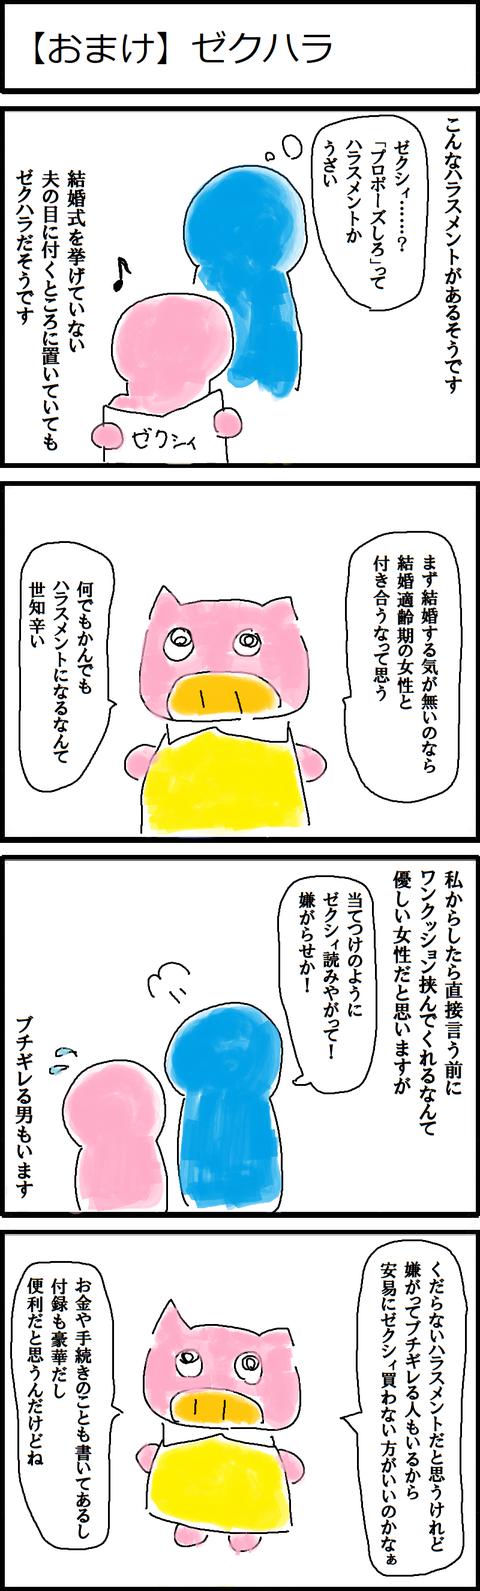 【おまけ】ゼクハラ